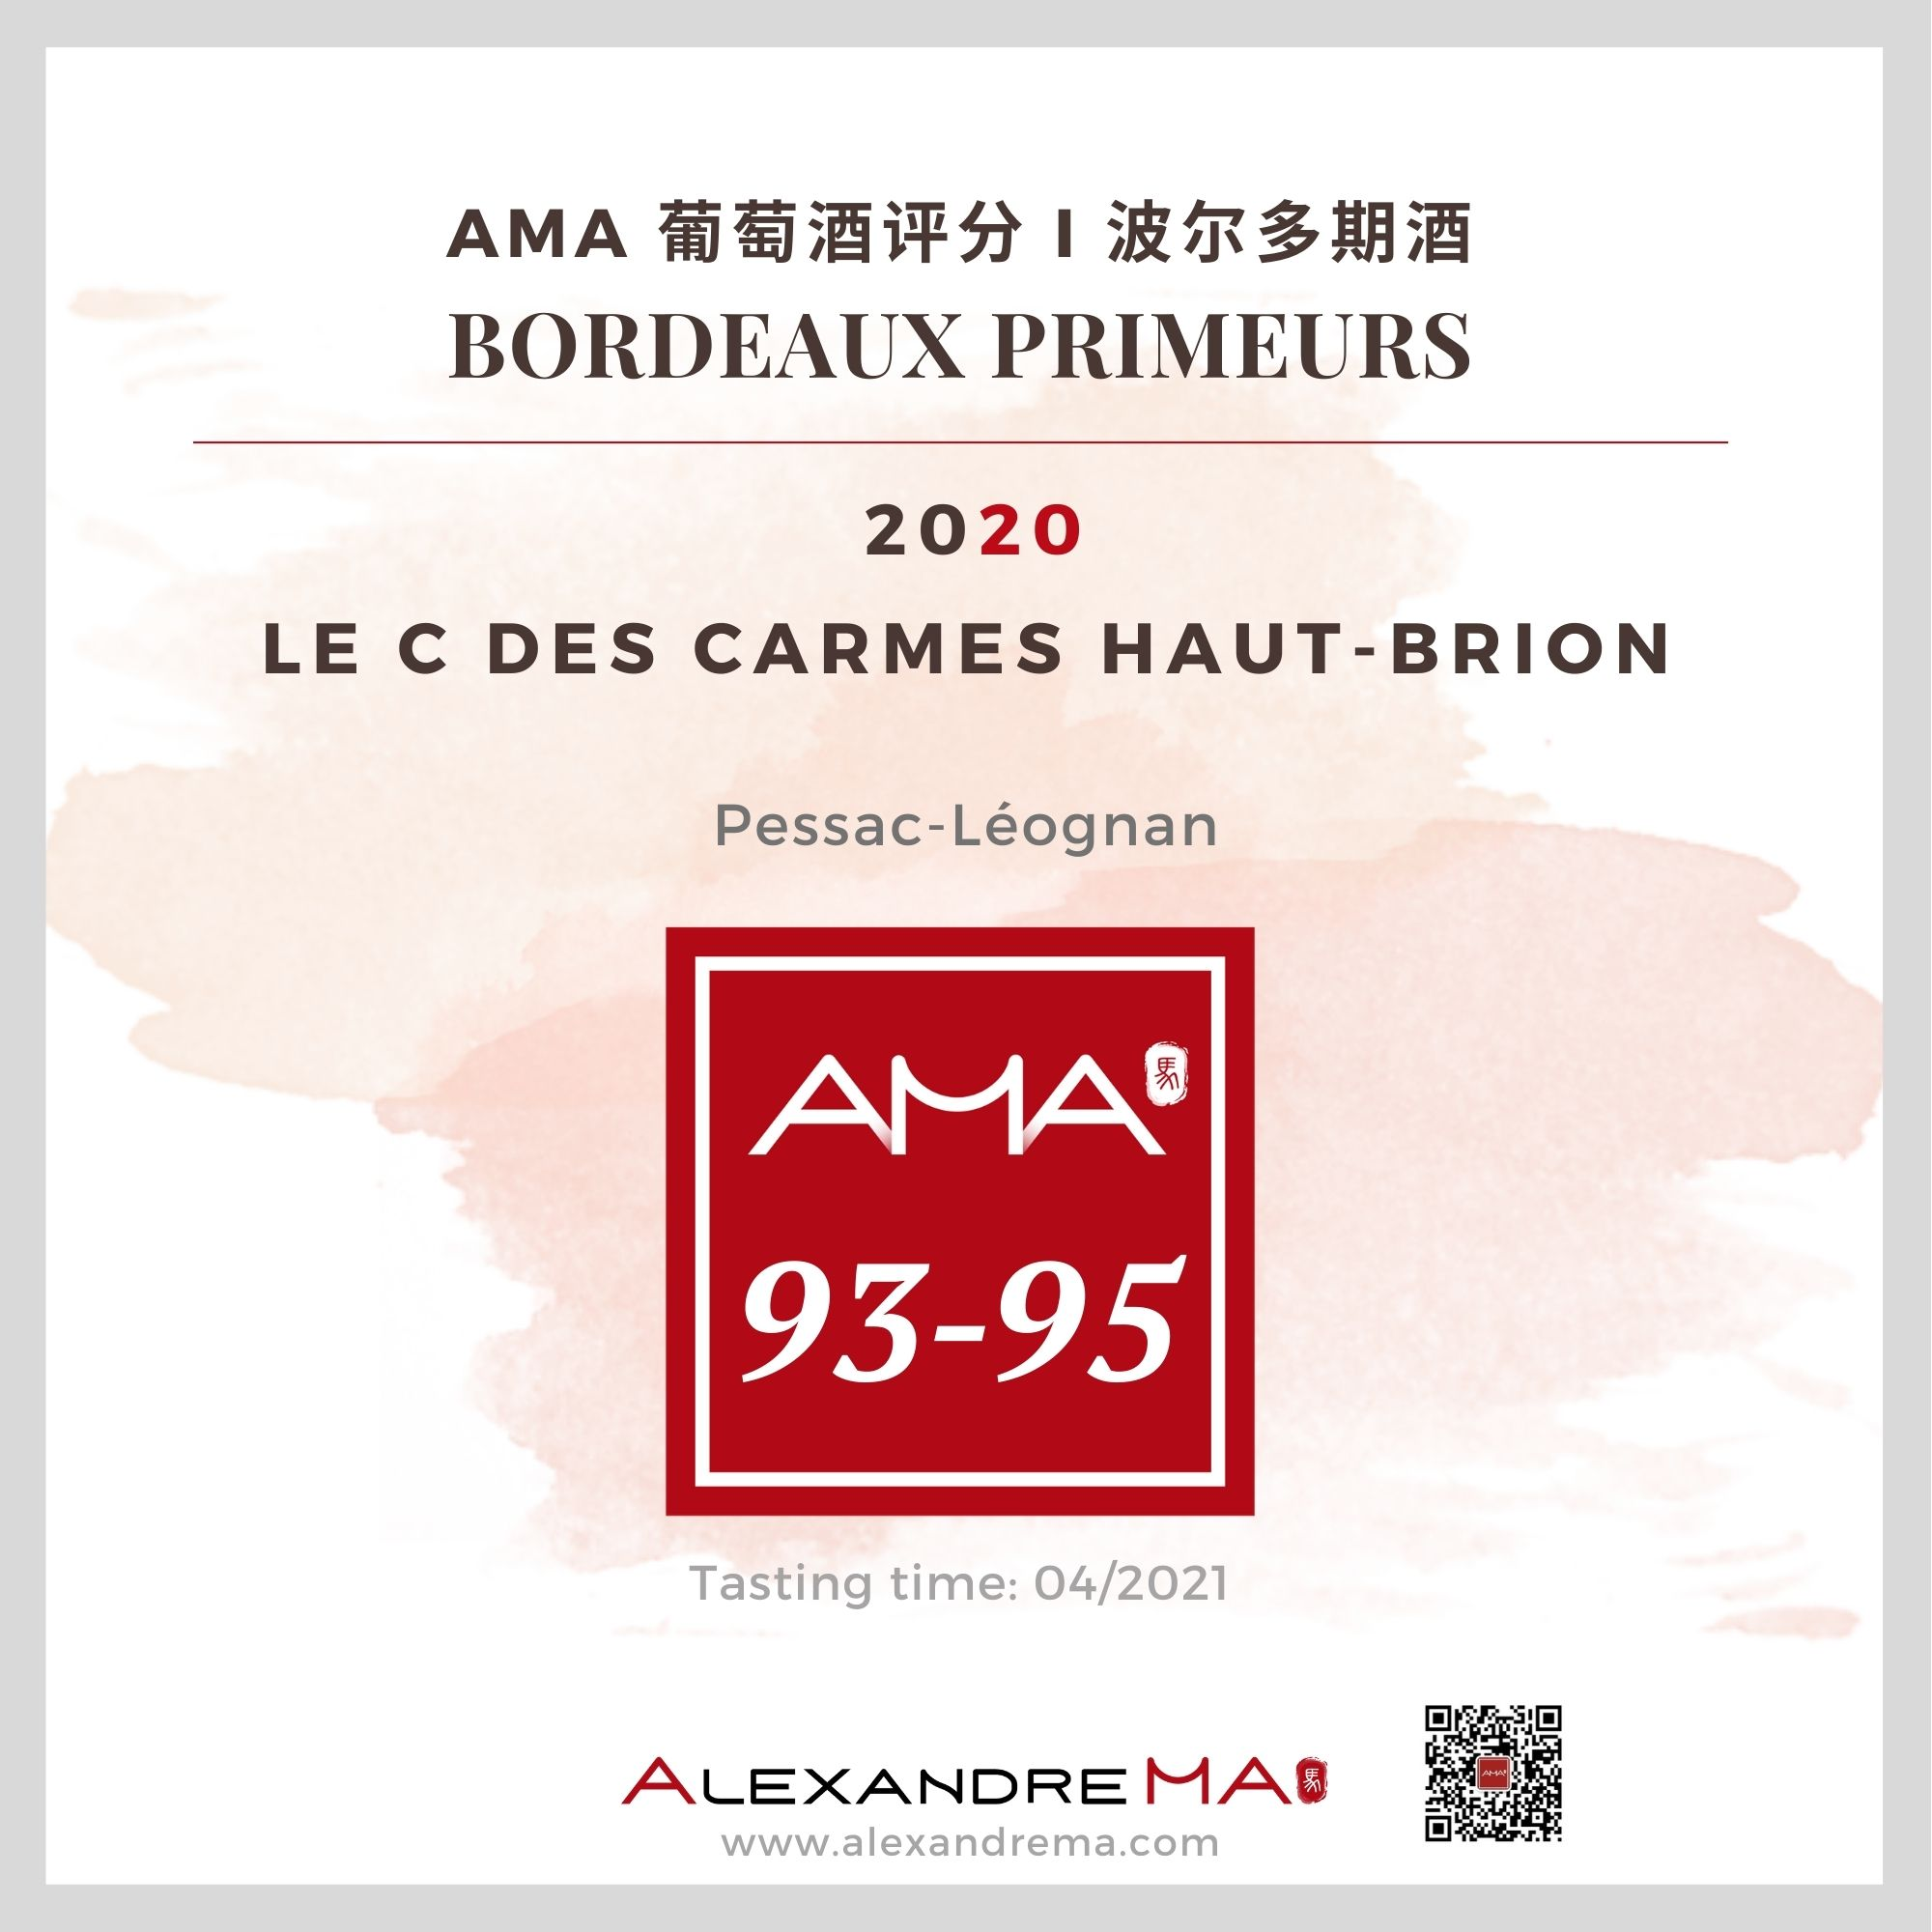 Château Les Carmes Haut-Brion – Le C des Carmes Haut-Brion – Red – 2020 - Alexandre MA